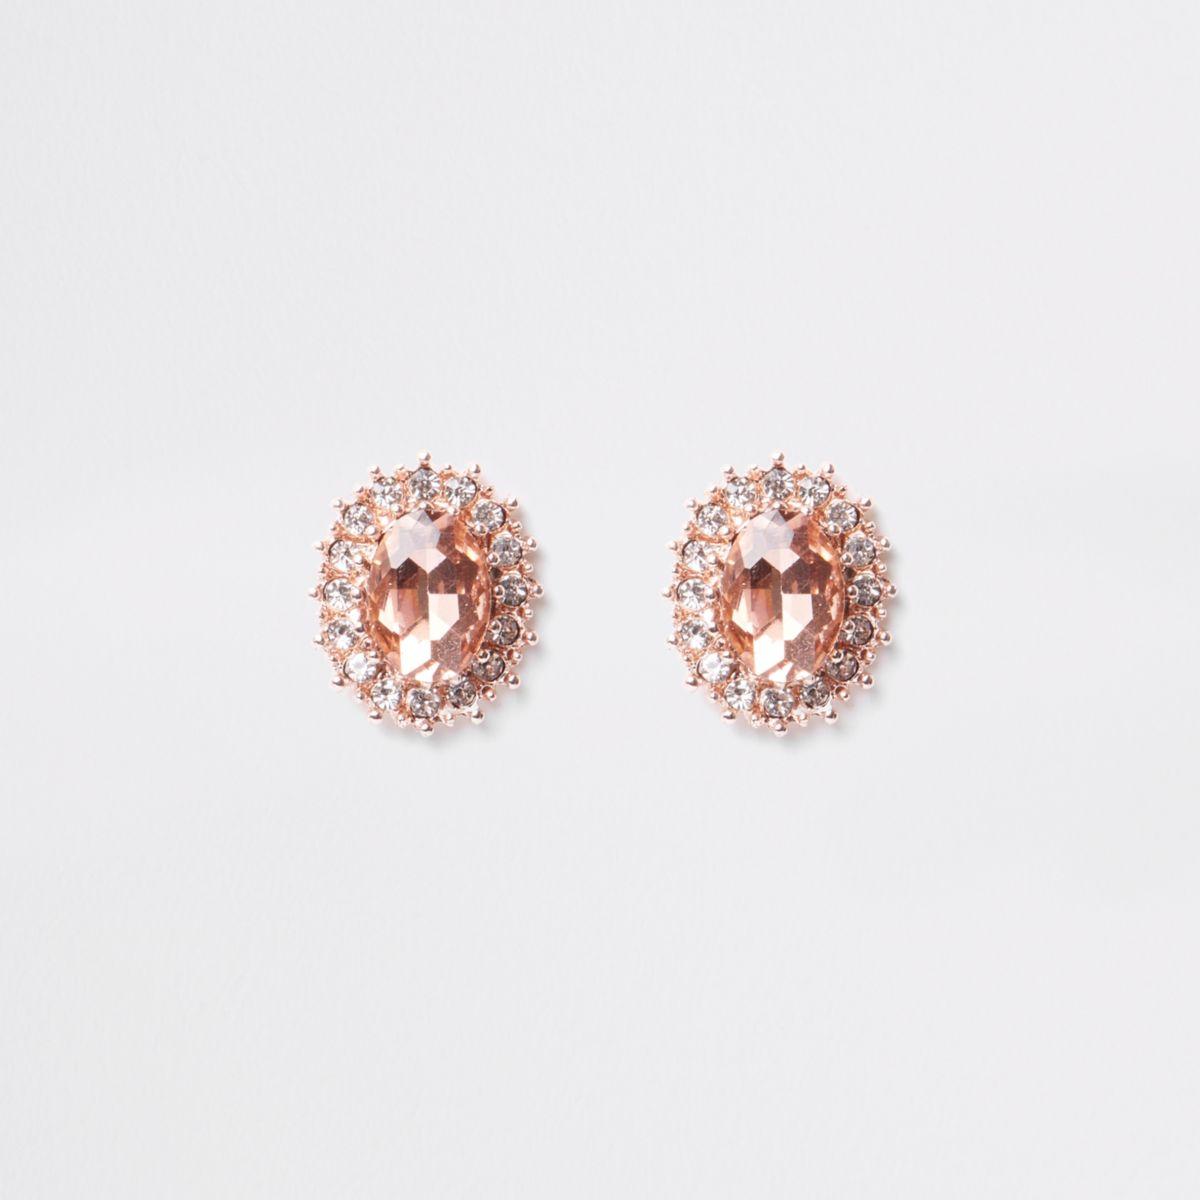 Rose gold rhinestone encrusted stud earrings